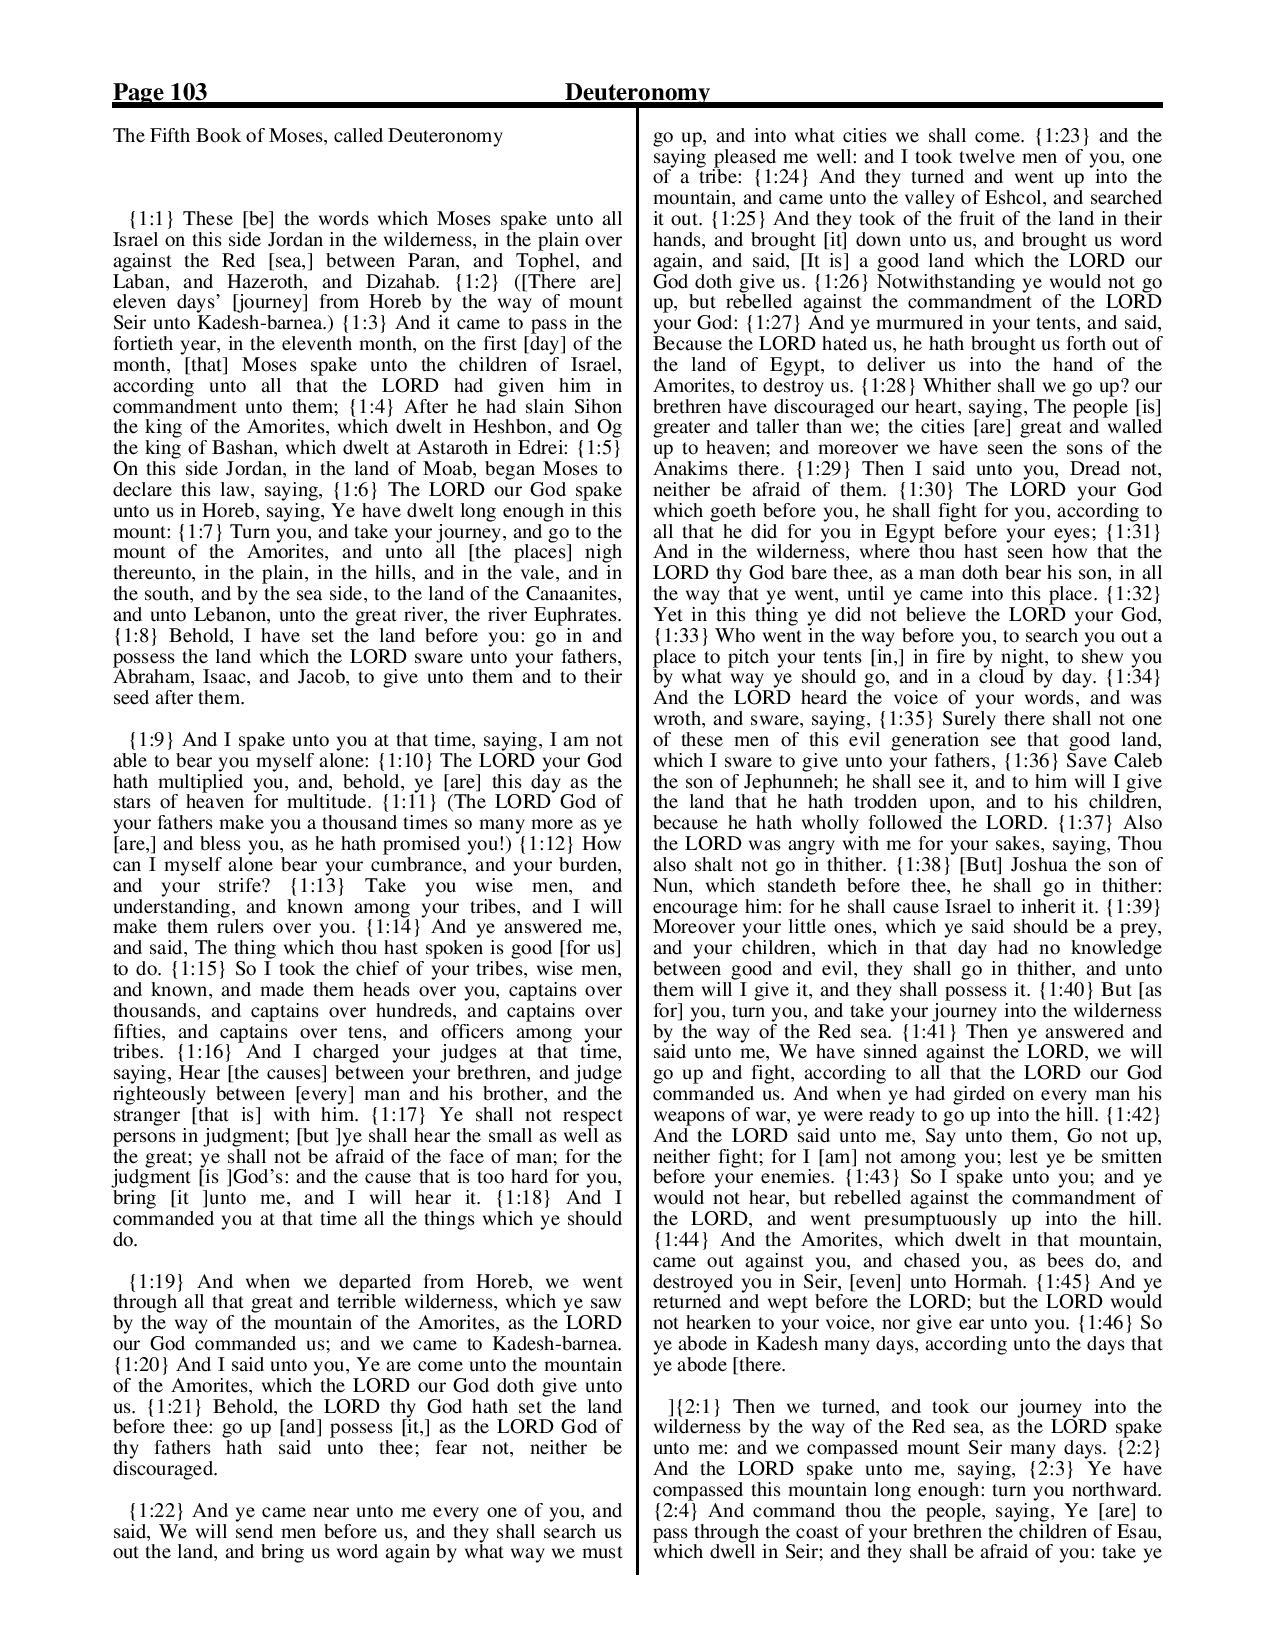 King-James-Bible-KJV-Bible-PDF-page-124